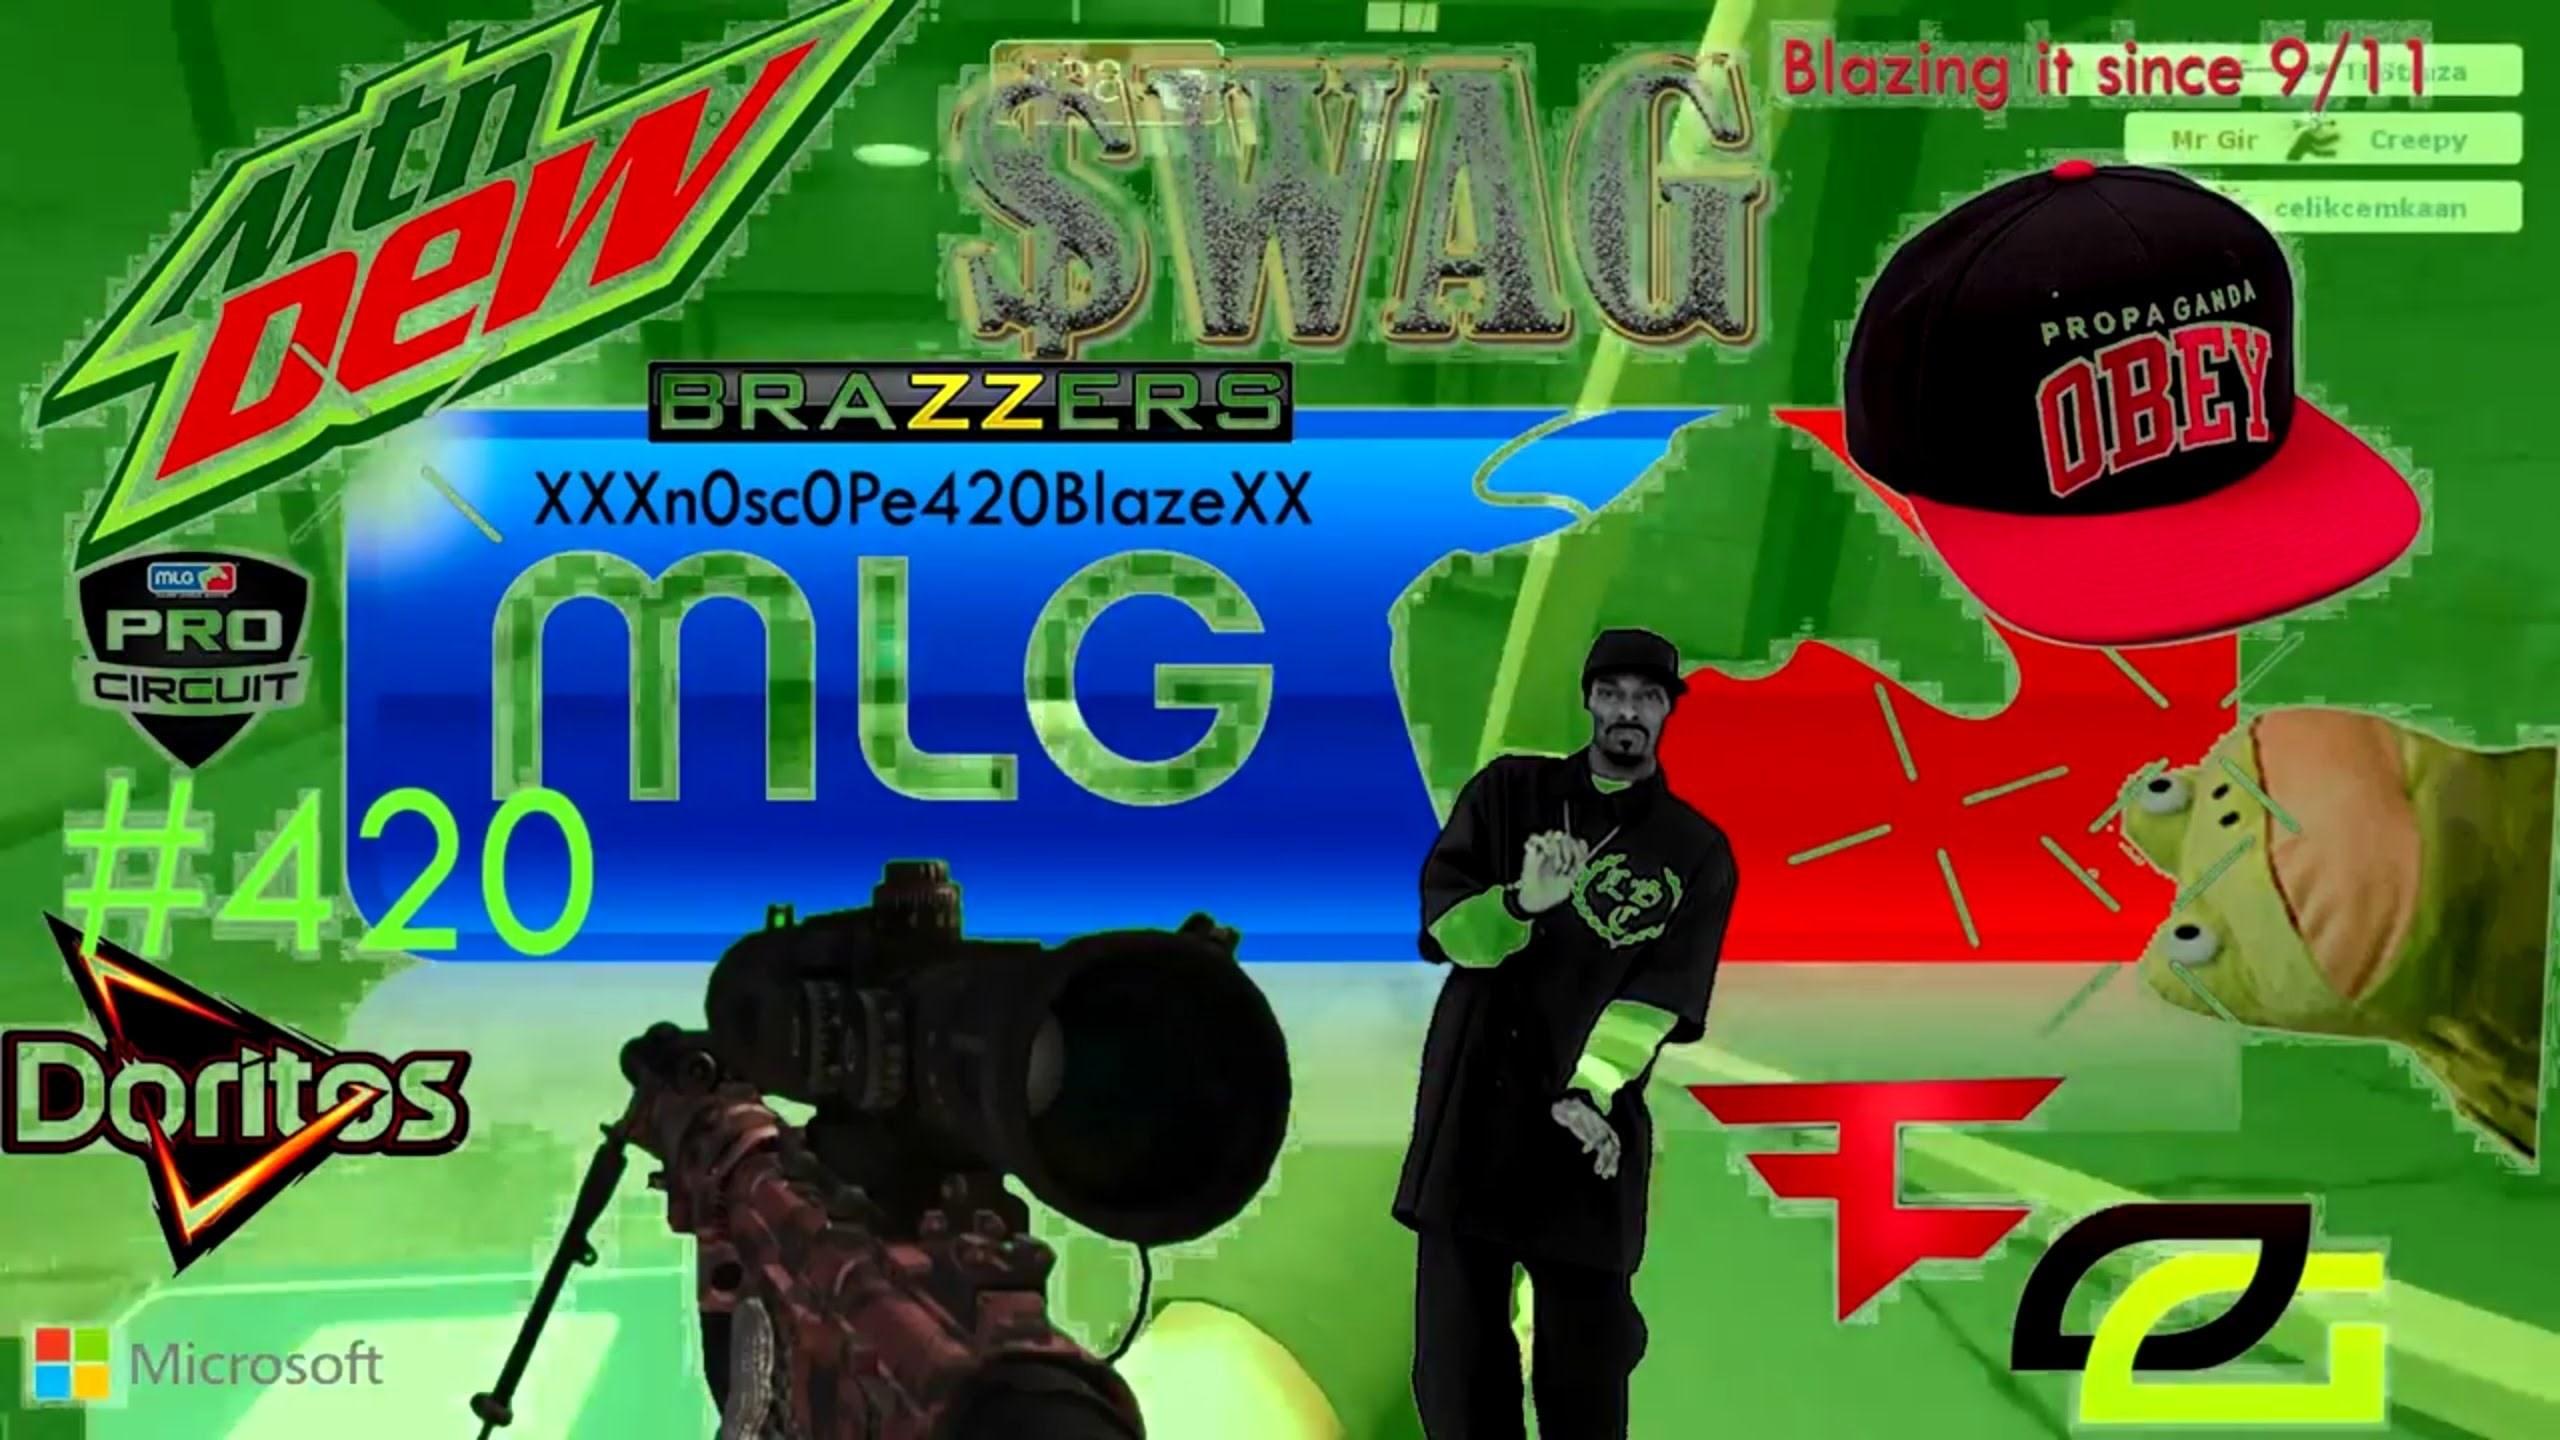 MLG Meme Wallpaper – WallpaperSafari